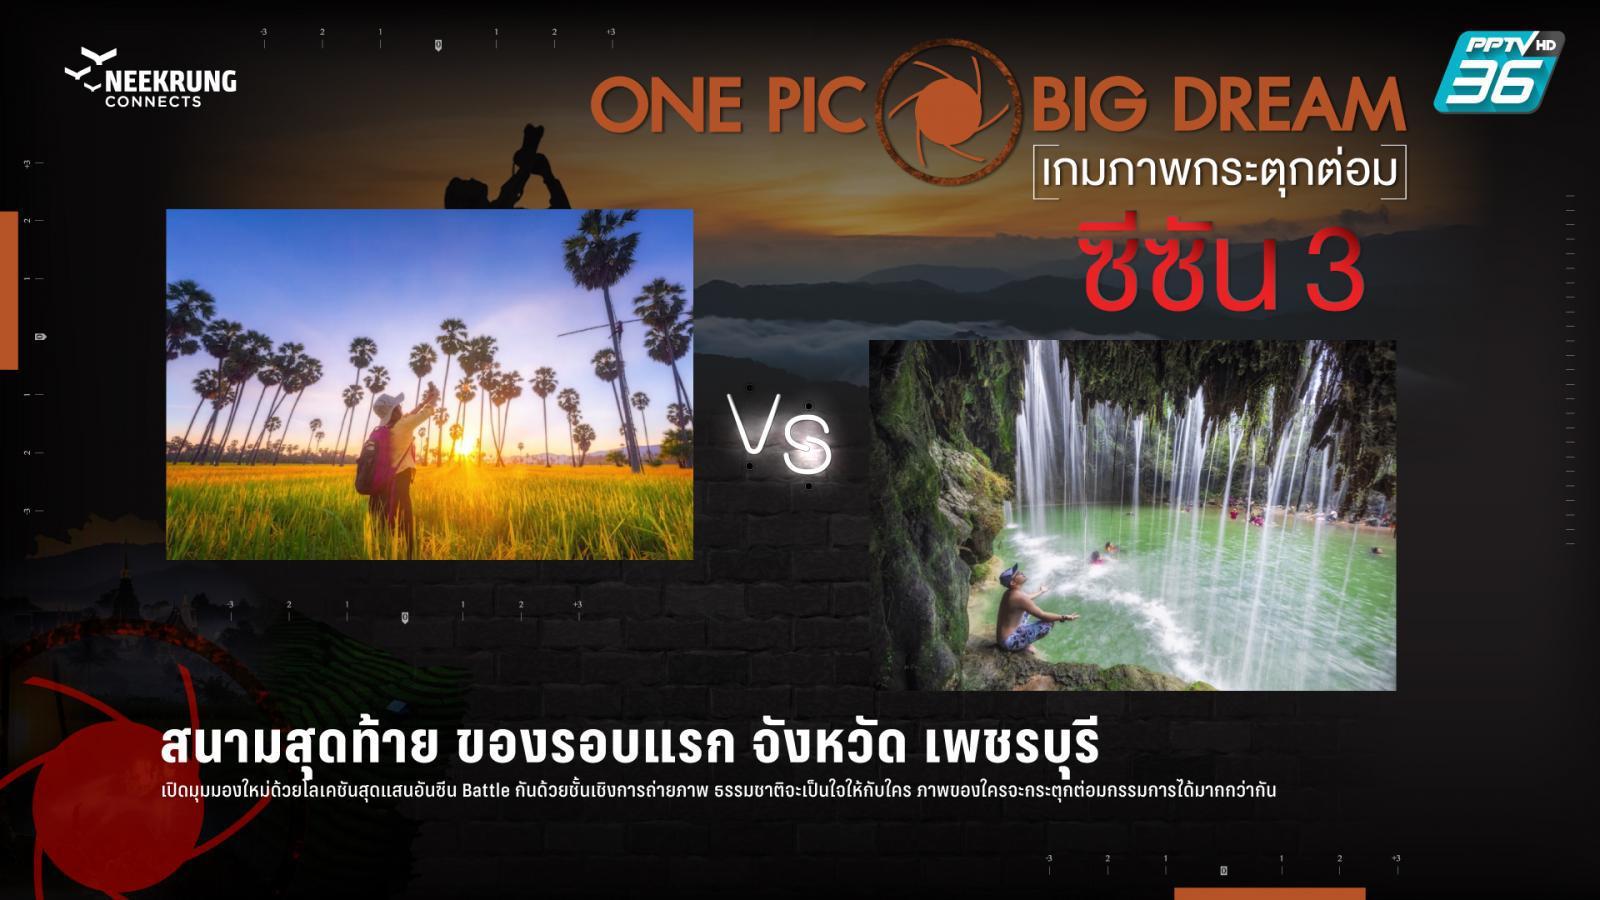 ภาพอันซีน จ.เพชรบุรี ที่ชนะใจกรรมการ | ONE PIC BIG DREAM เกมภาพกระตุกต่อม ซีซัน 3 EP.4